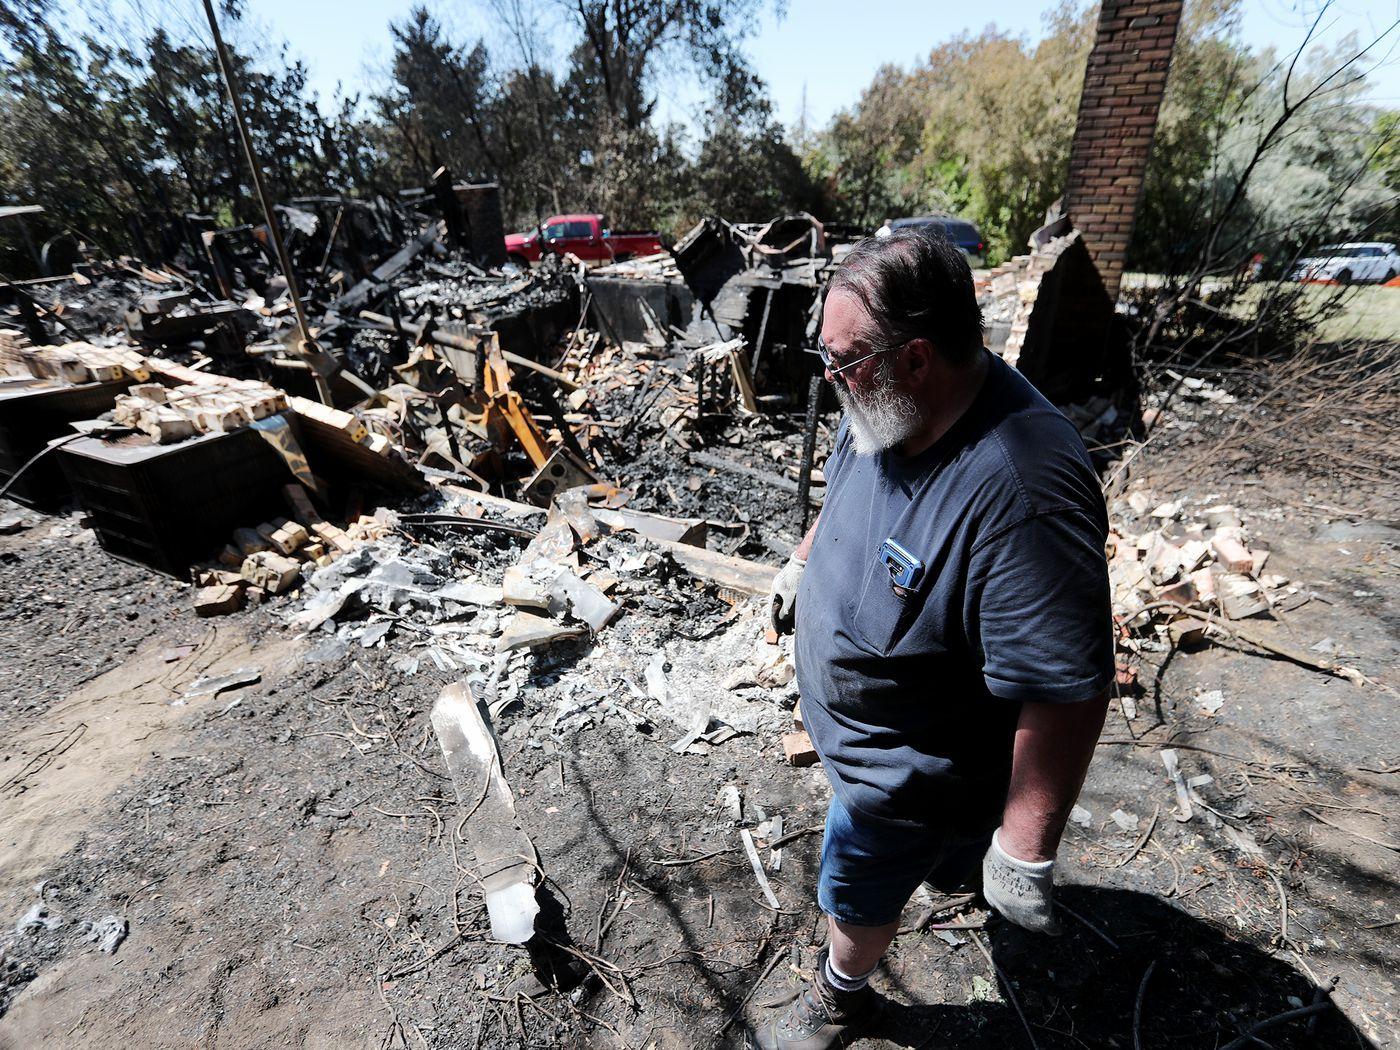 Grateful residents return to neighborhood evacuated by Gun